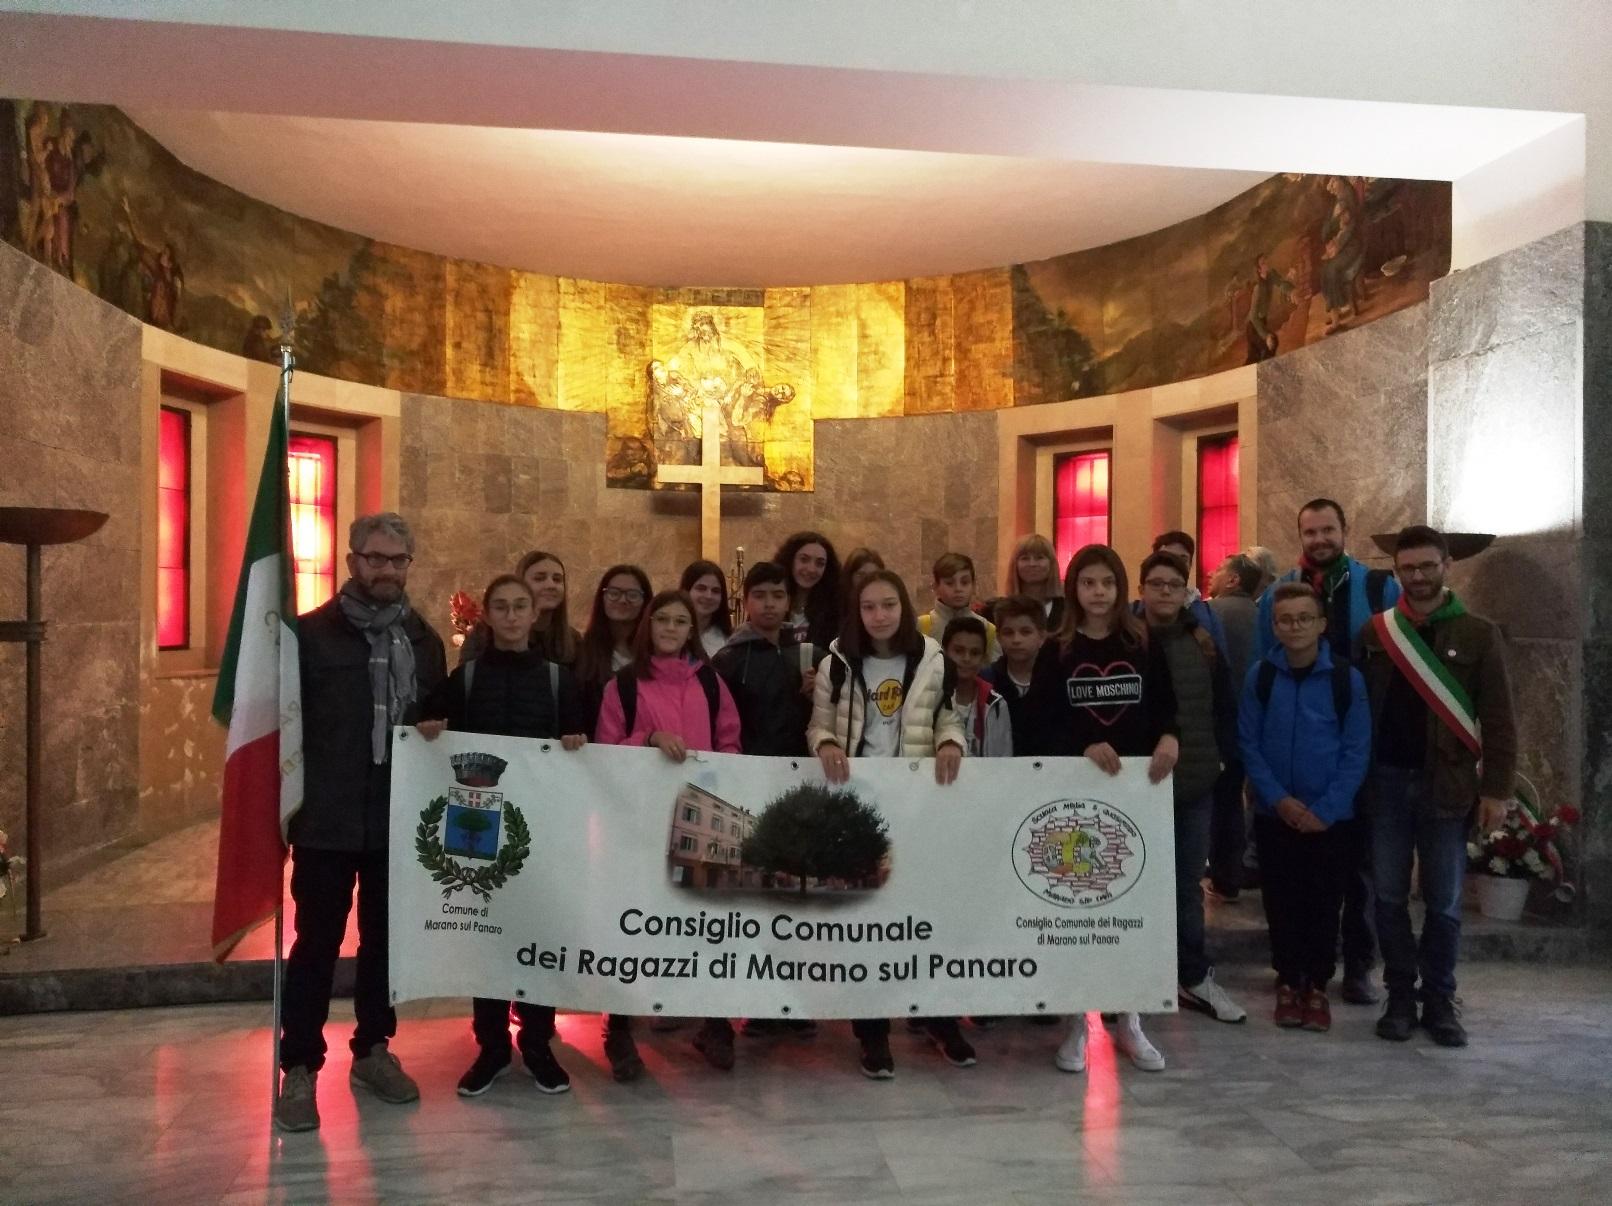 Il CCR di Marano sul Panaro nel sacrario di Marzabotto - strage di Marzabotto